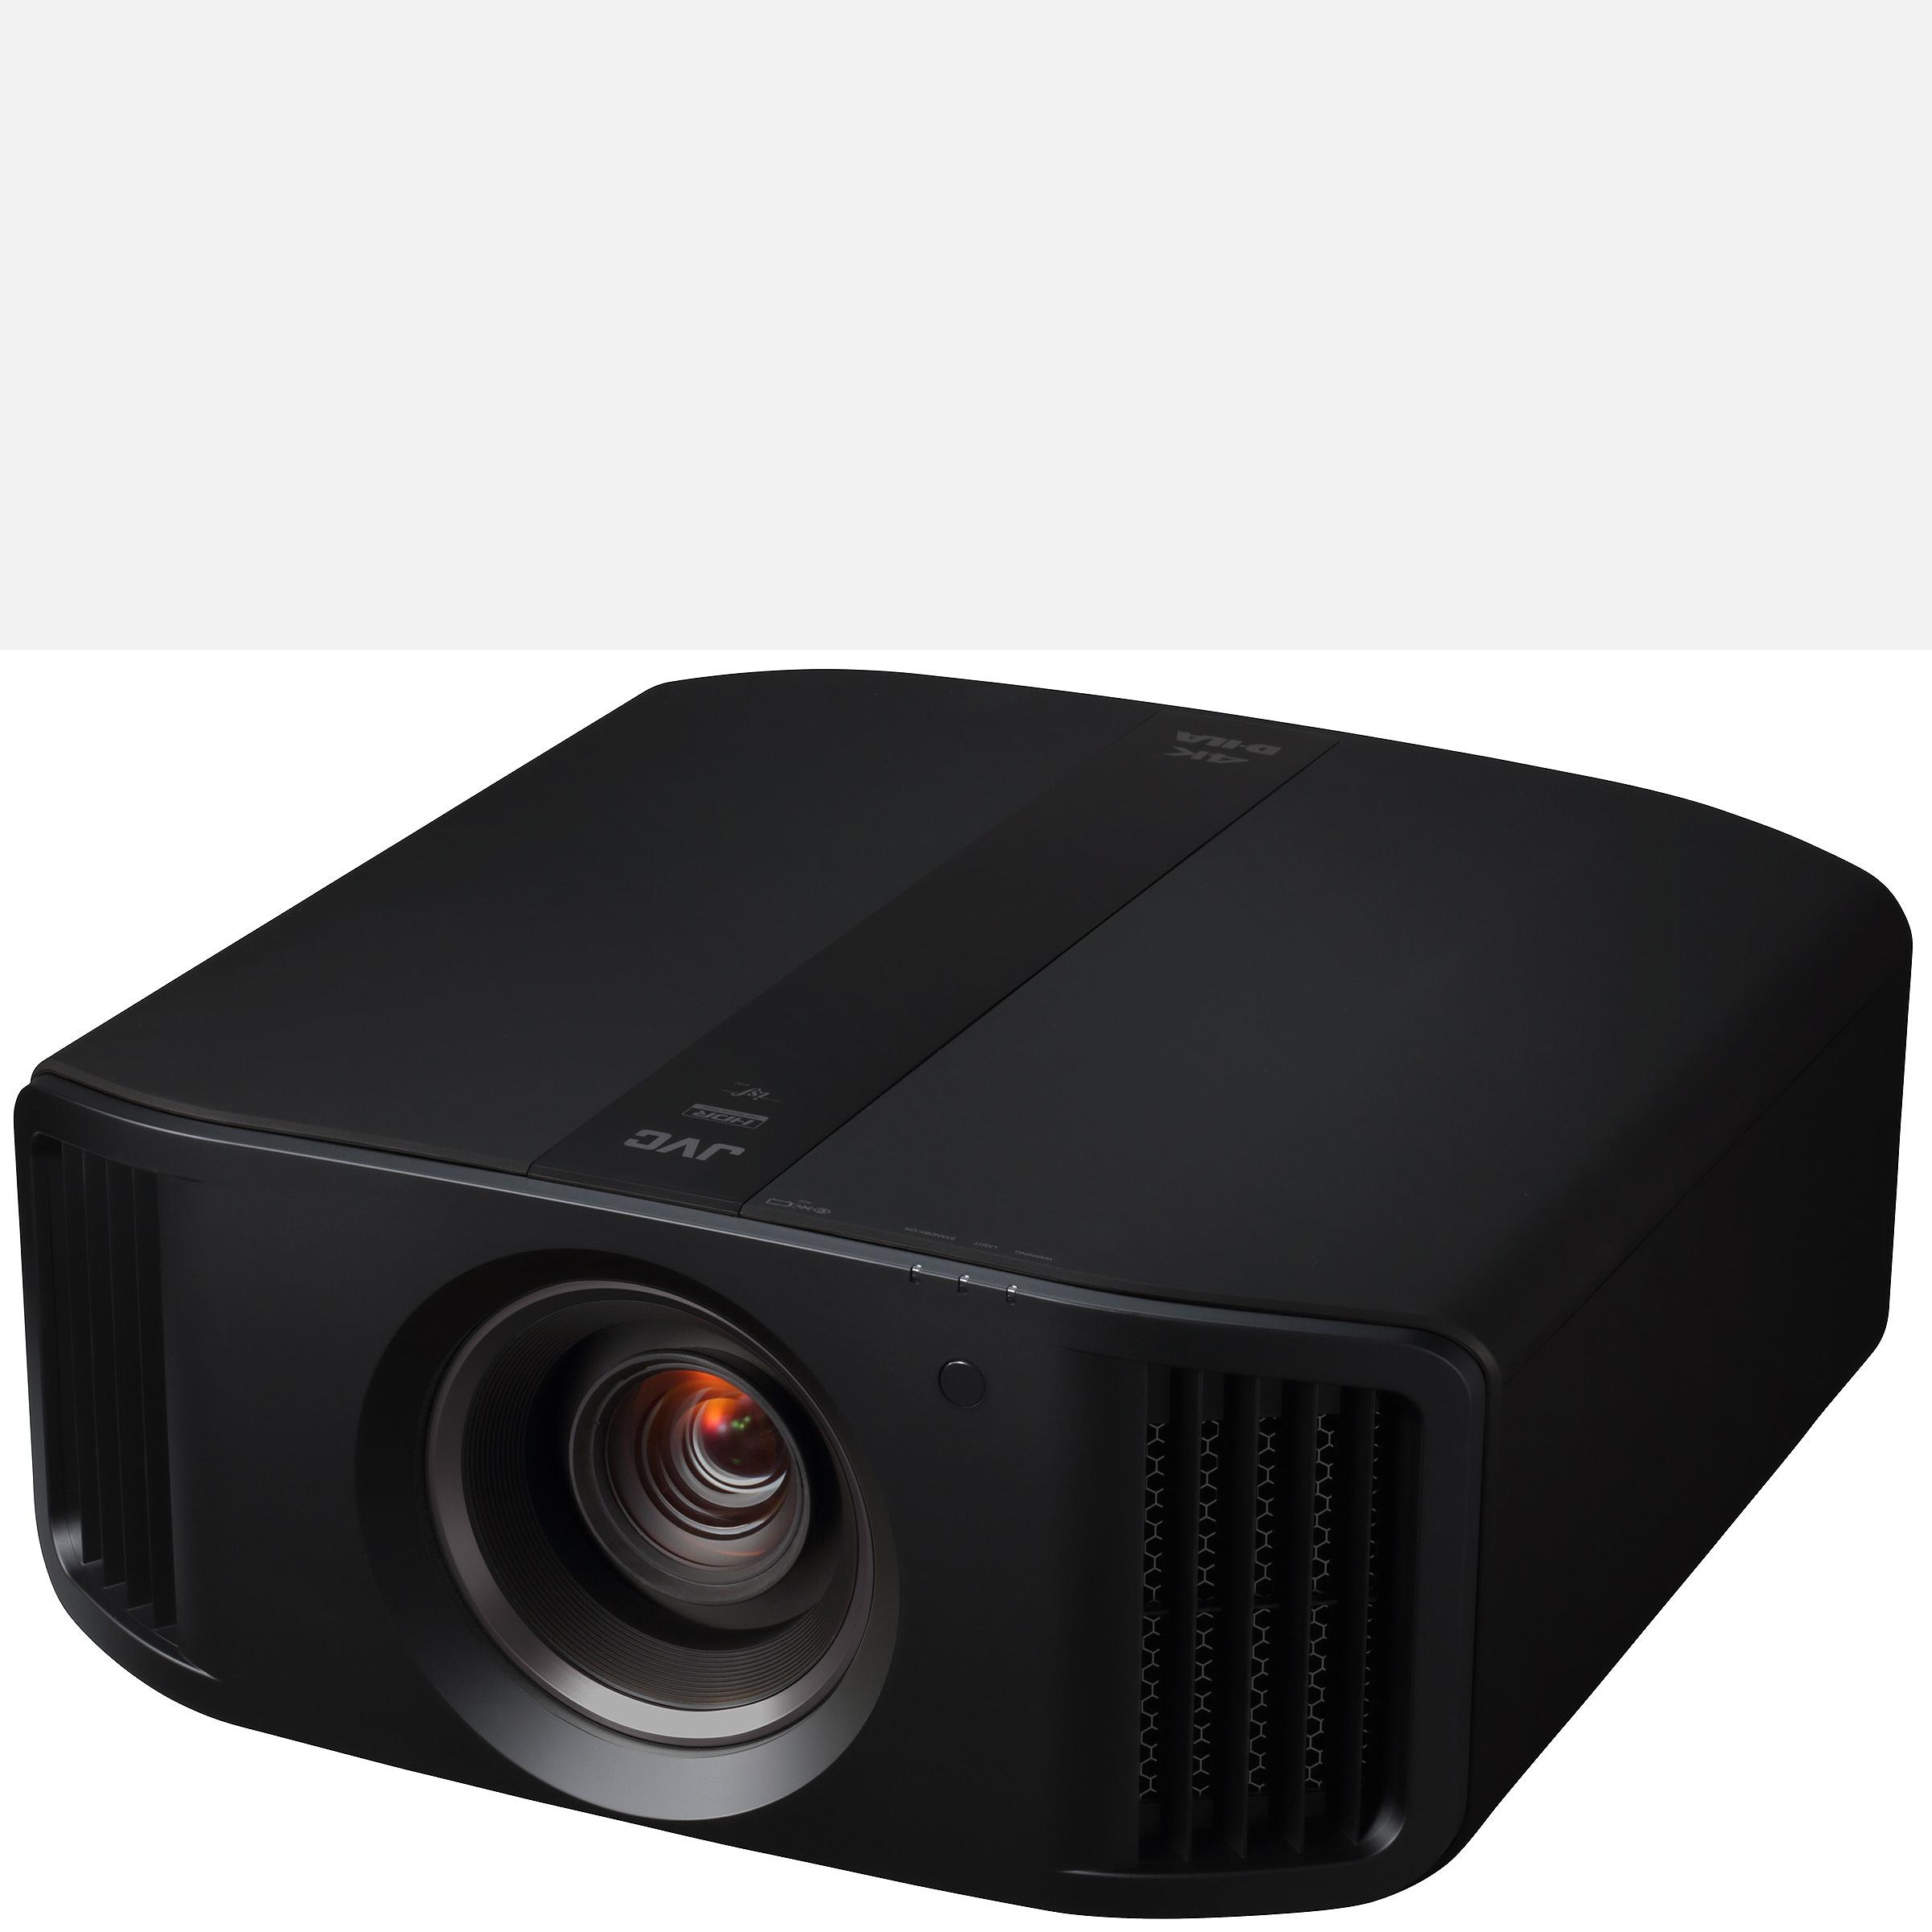 JVC DLA N5 4K UHD Projector